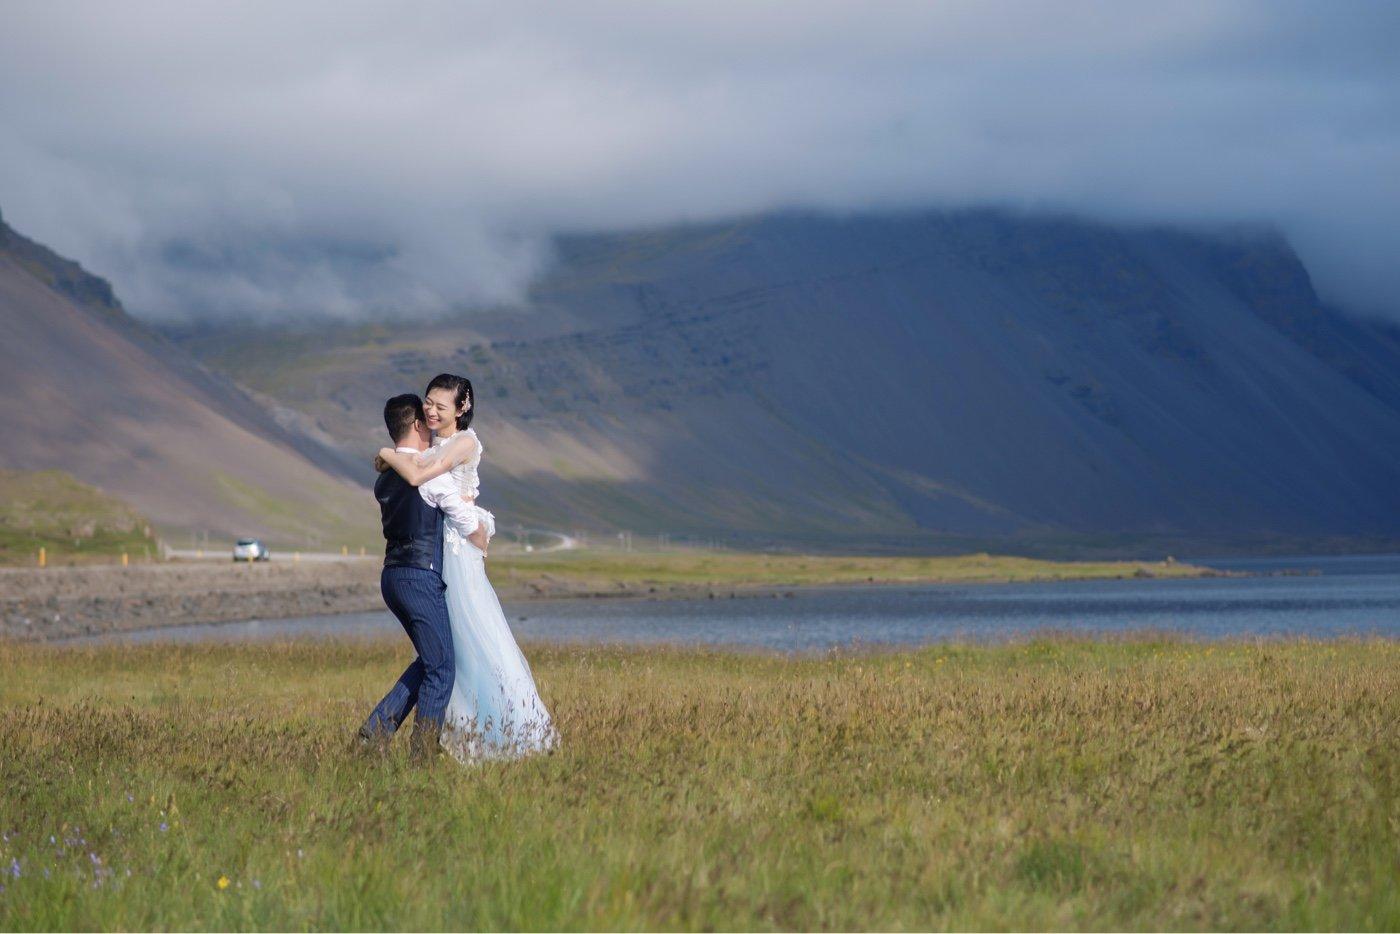 MoFoTo 冰岛婚纱旅拍38